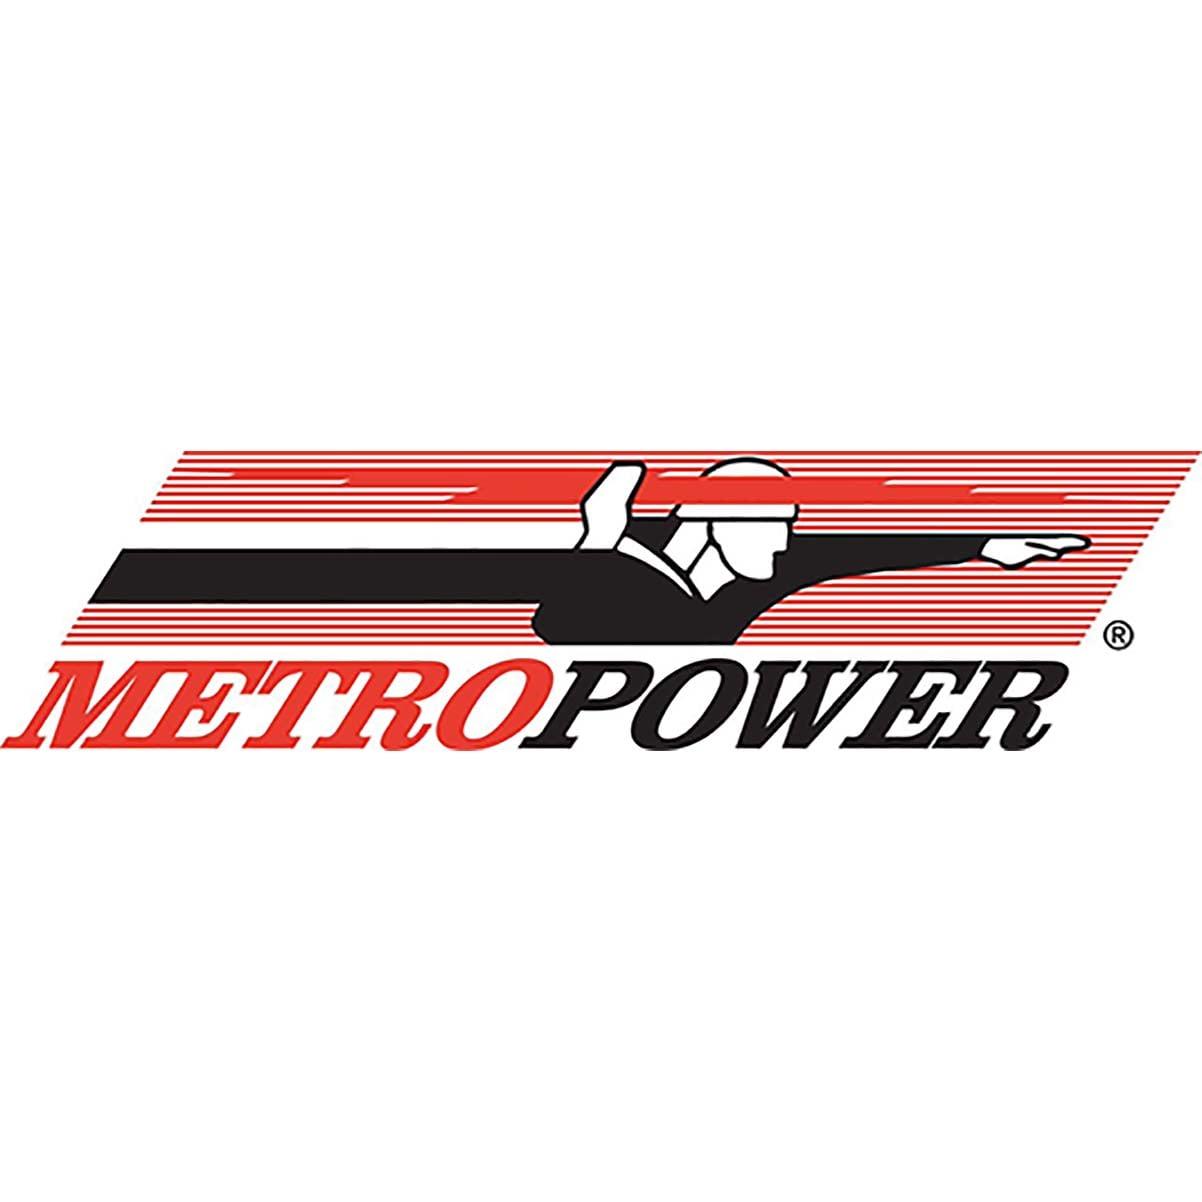 MetroPower